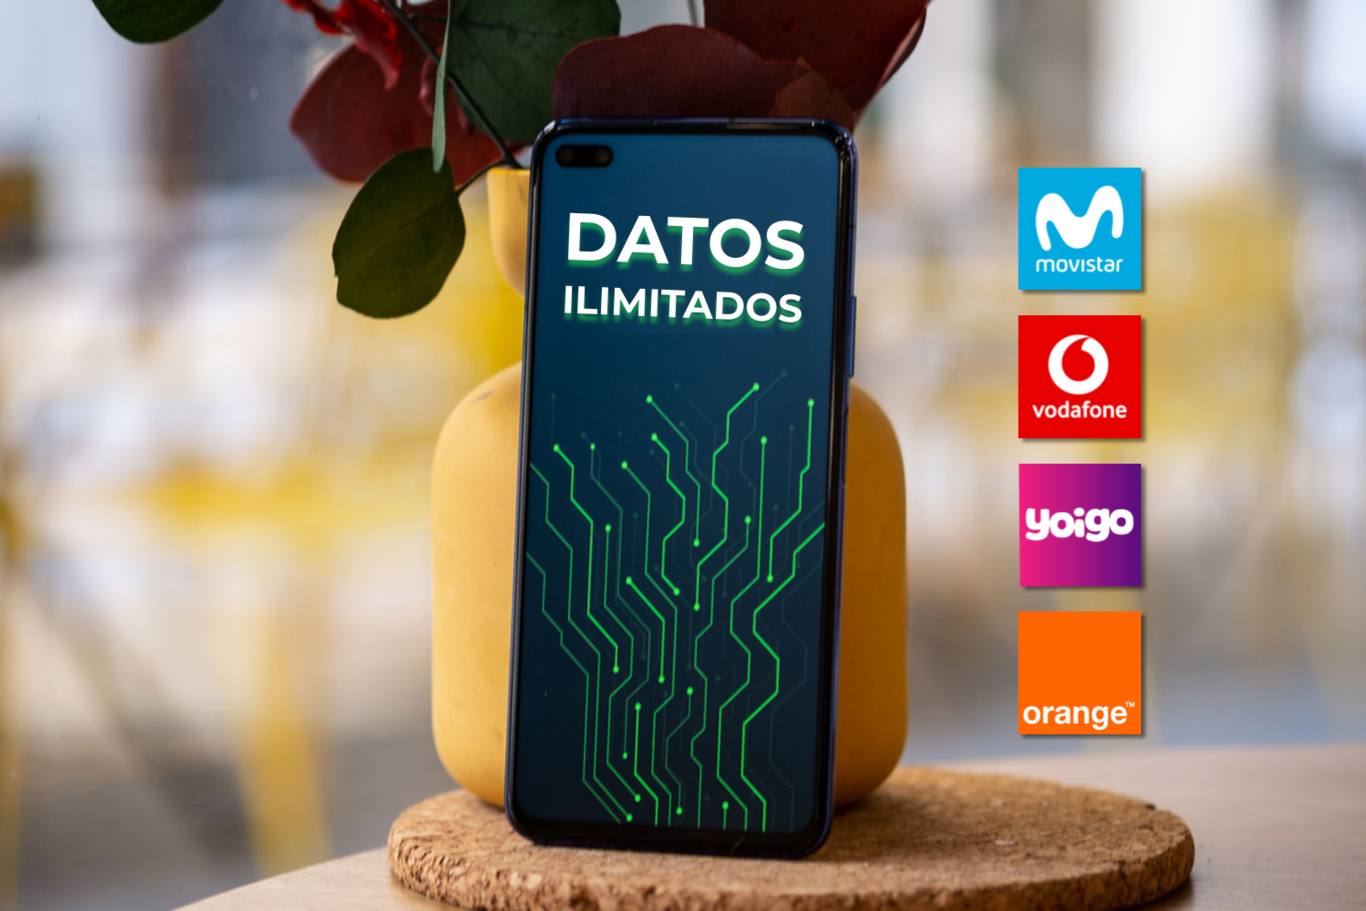 Las tarifas ilimitadas de Movistar, Vodafone, Orange y Yoigo cuentan con otra ventaja extra: móviles a plazos más baratos